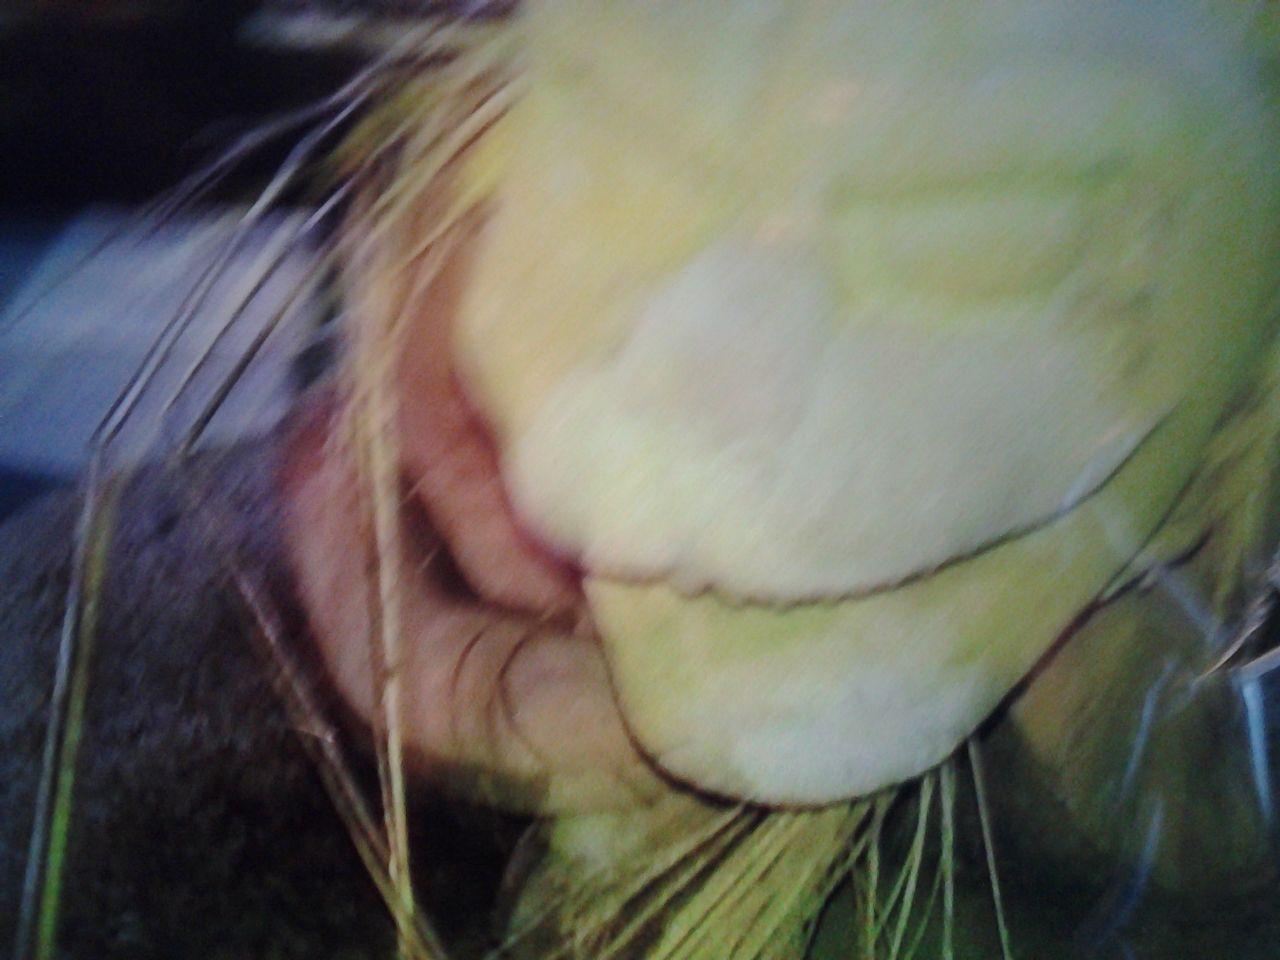 6636 - (株)ソルガム・ジャパン・ホールディングス おんべいしらまんだやそわか 諸魔退散 SOLスーパーソルガム事業成功 SOLジャー福徳円満 のうまく